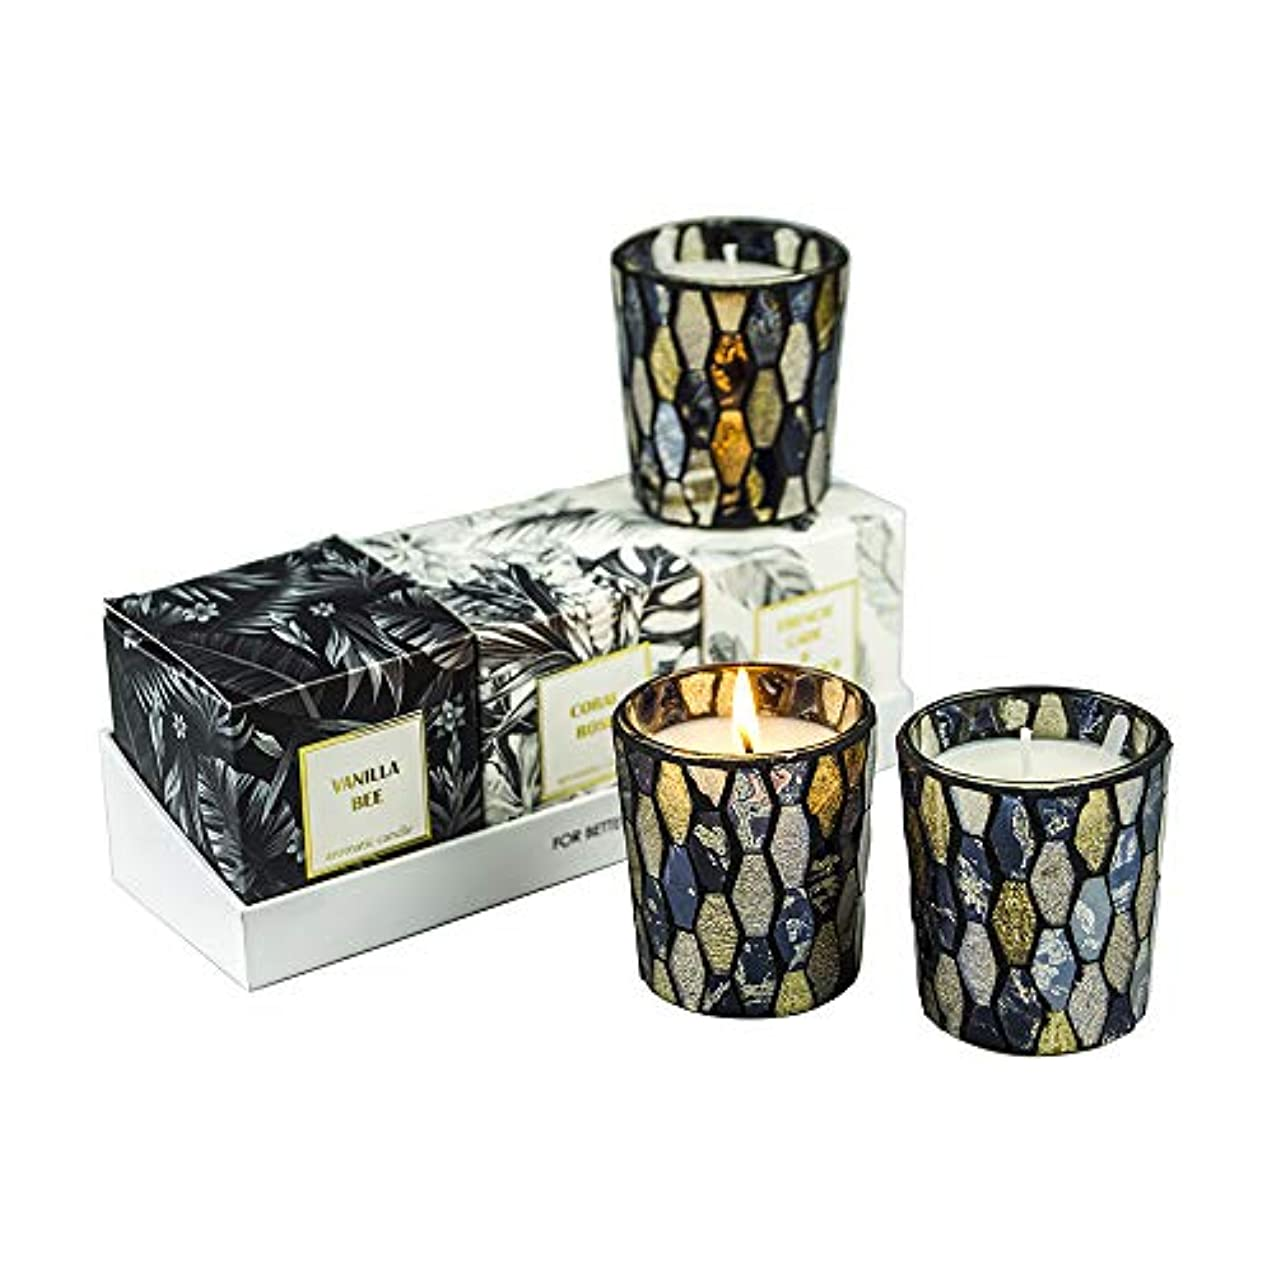 歴史家集団覆す秋の装飾の香りのキャンドル、香りのキャンドルセット天然大豆ワックスポータブル旅行錫キャンドル女性ギフトストレス解消とアロマセラピー